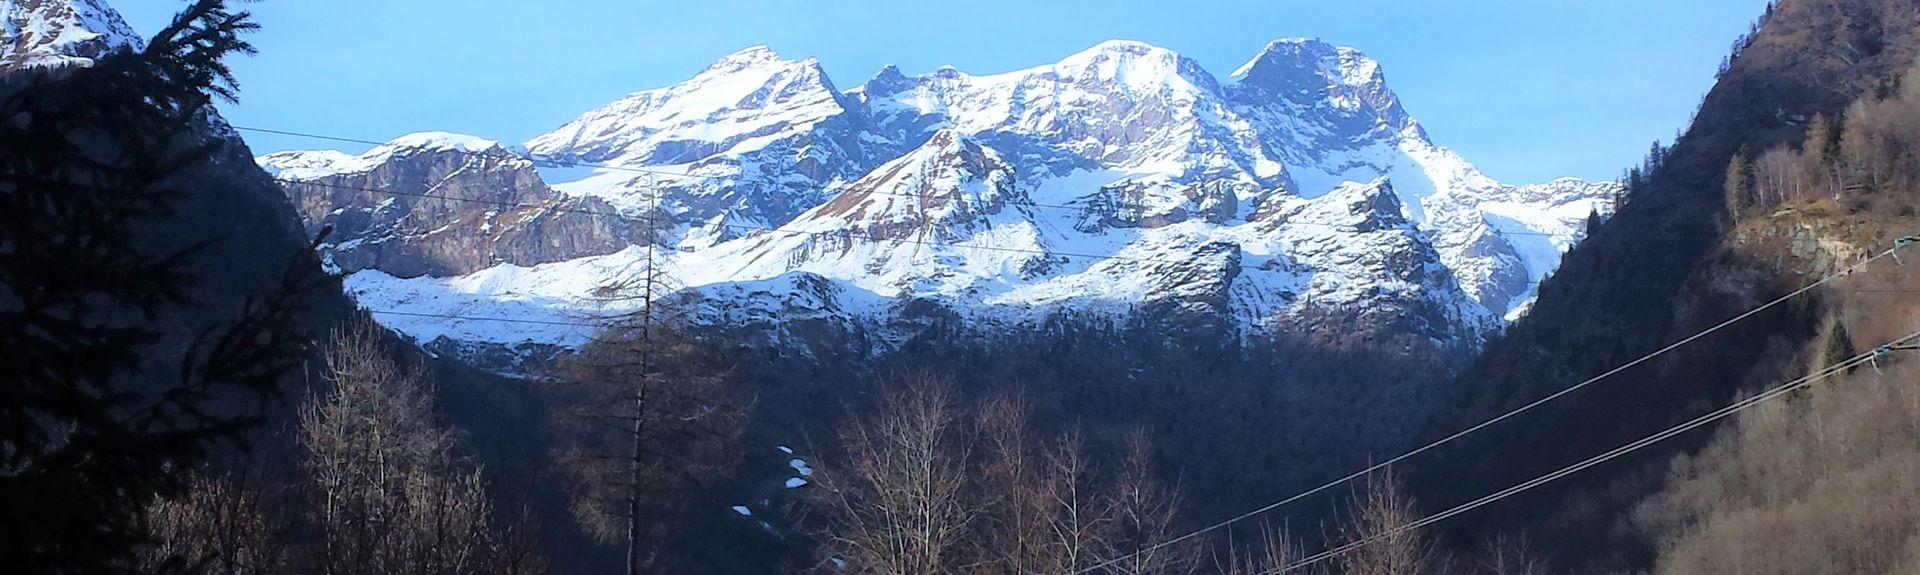 Pila, Vercelli, Piedmont, Italy